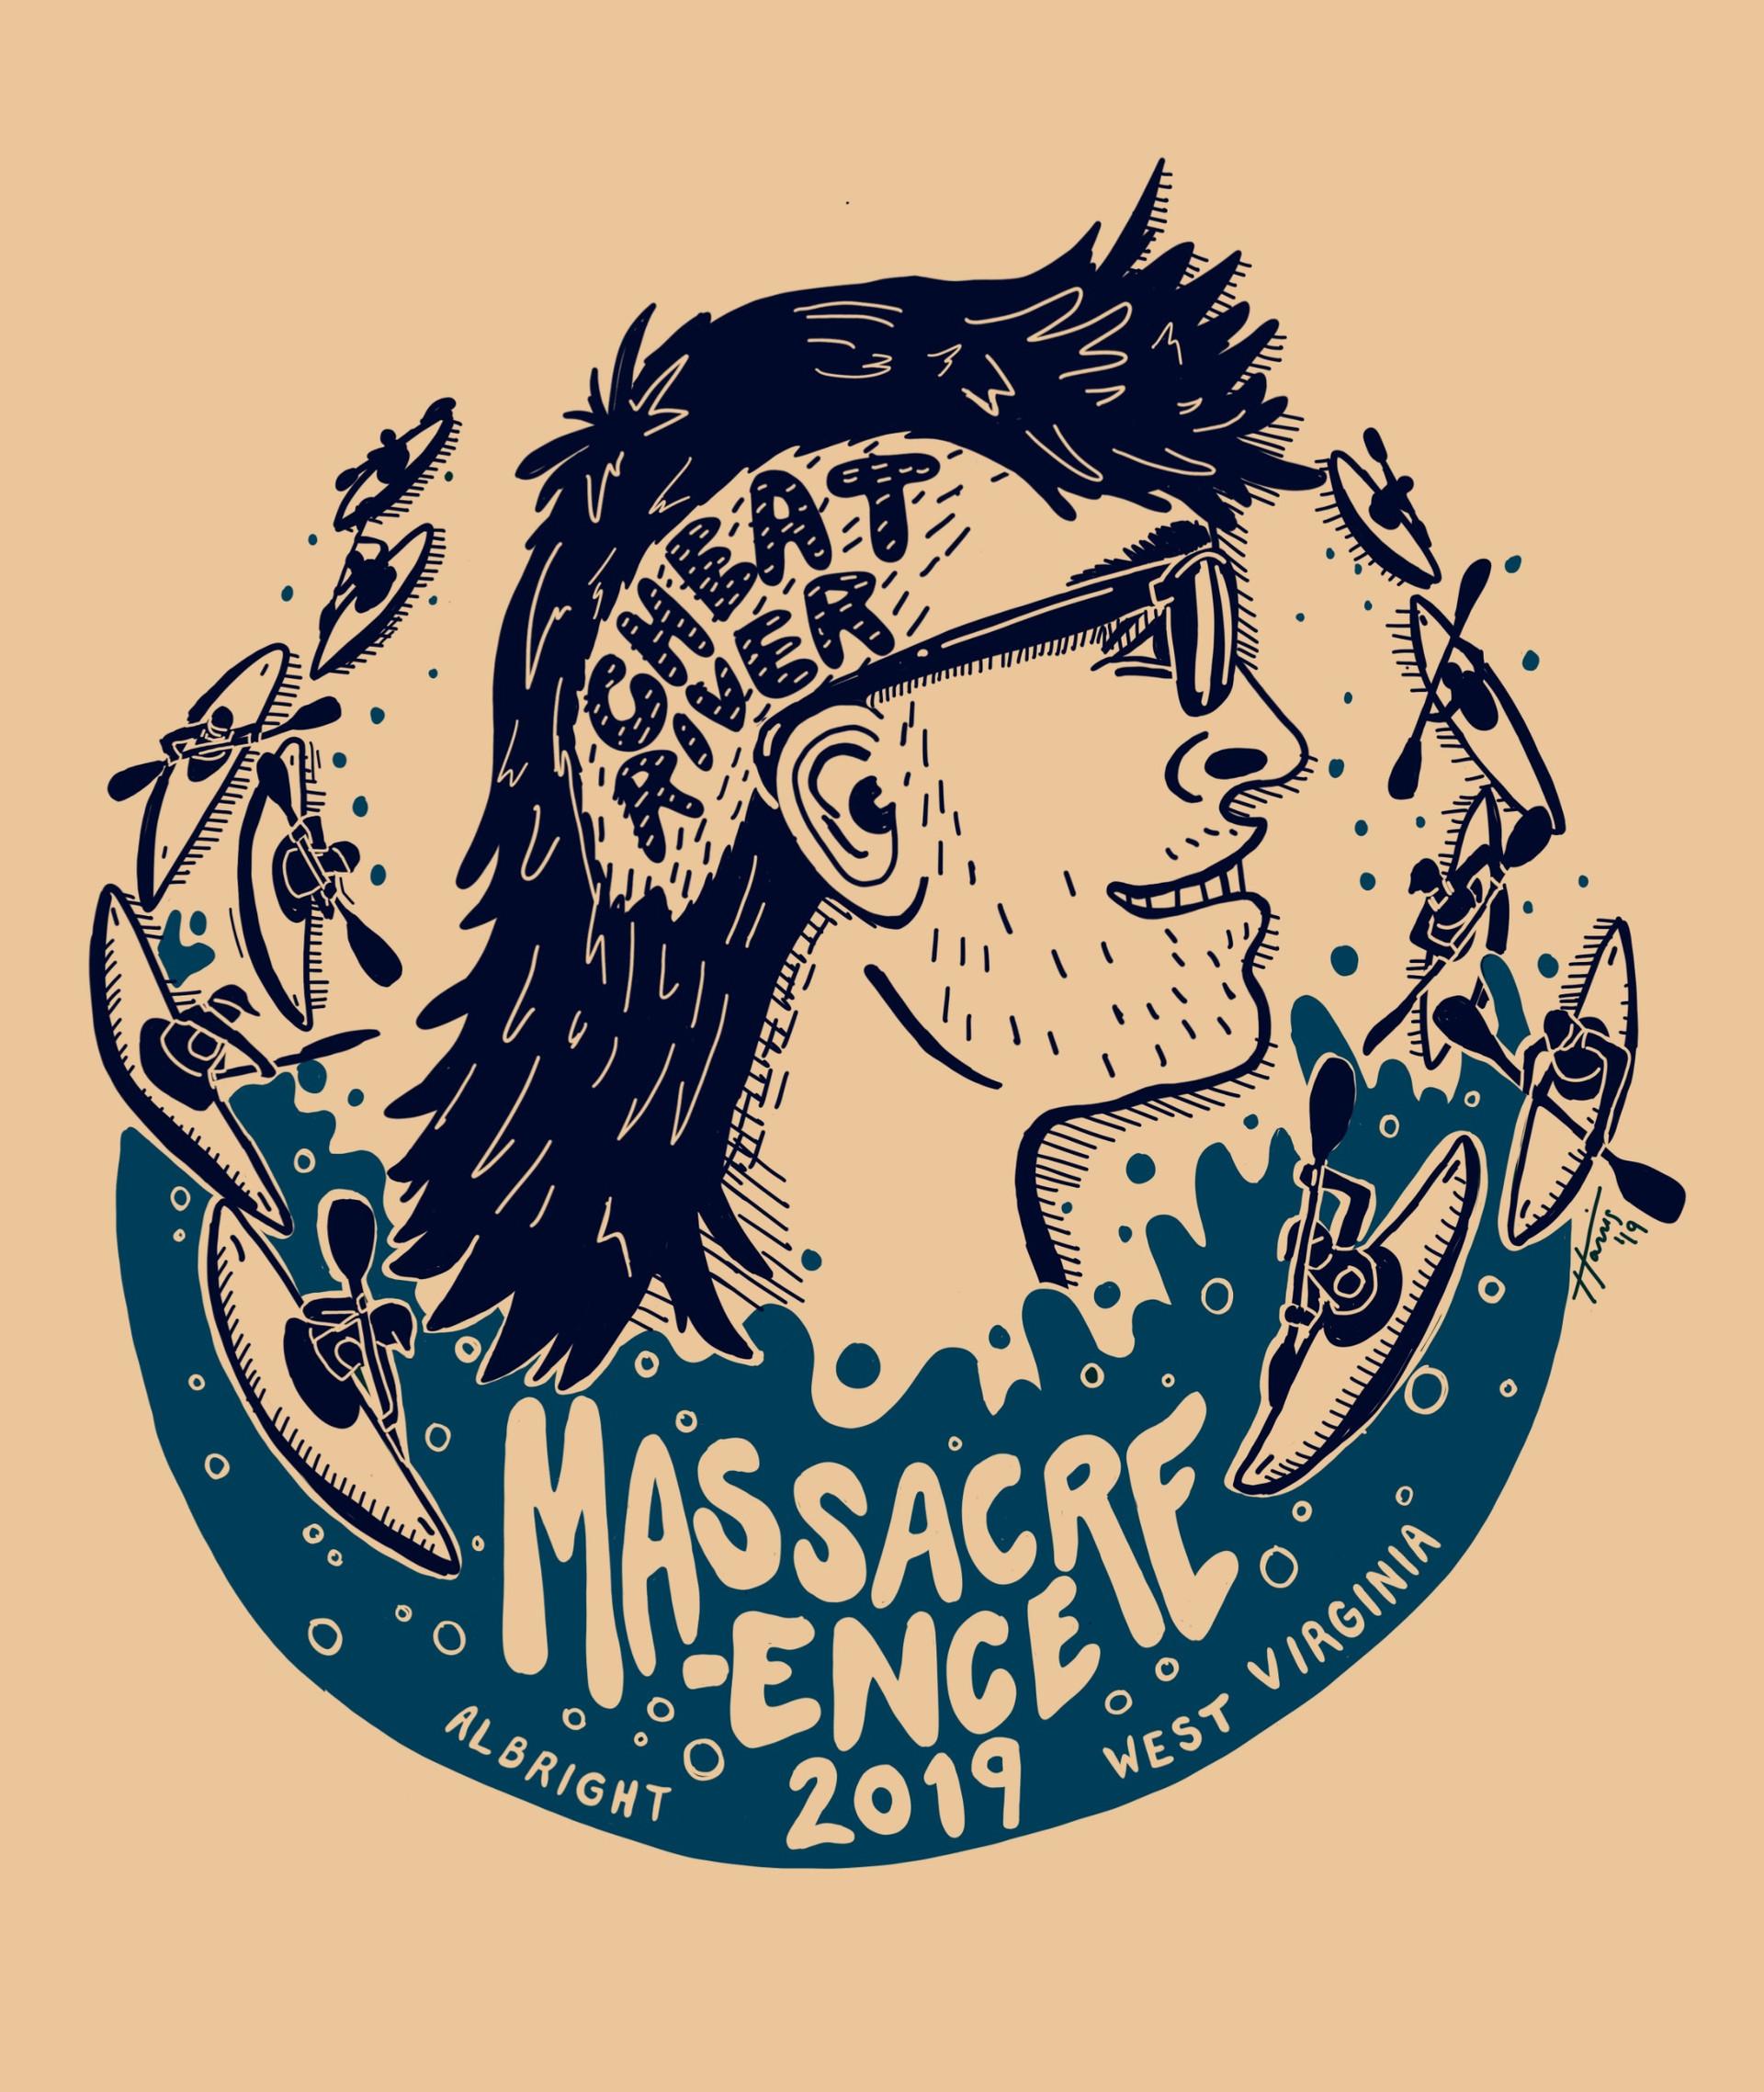 2019 Cheat River Massacre-ence Race T shirt design